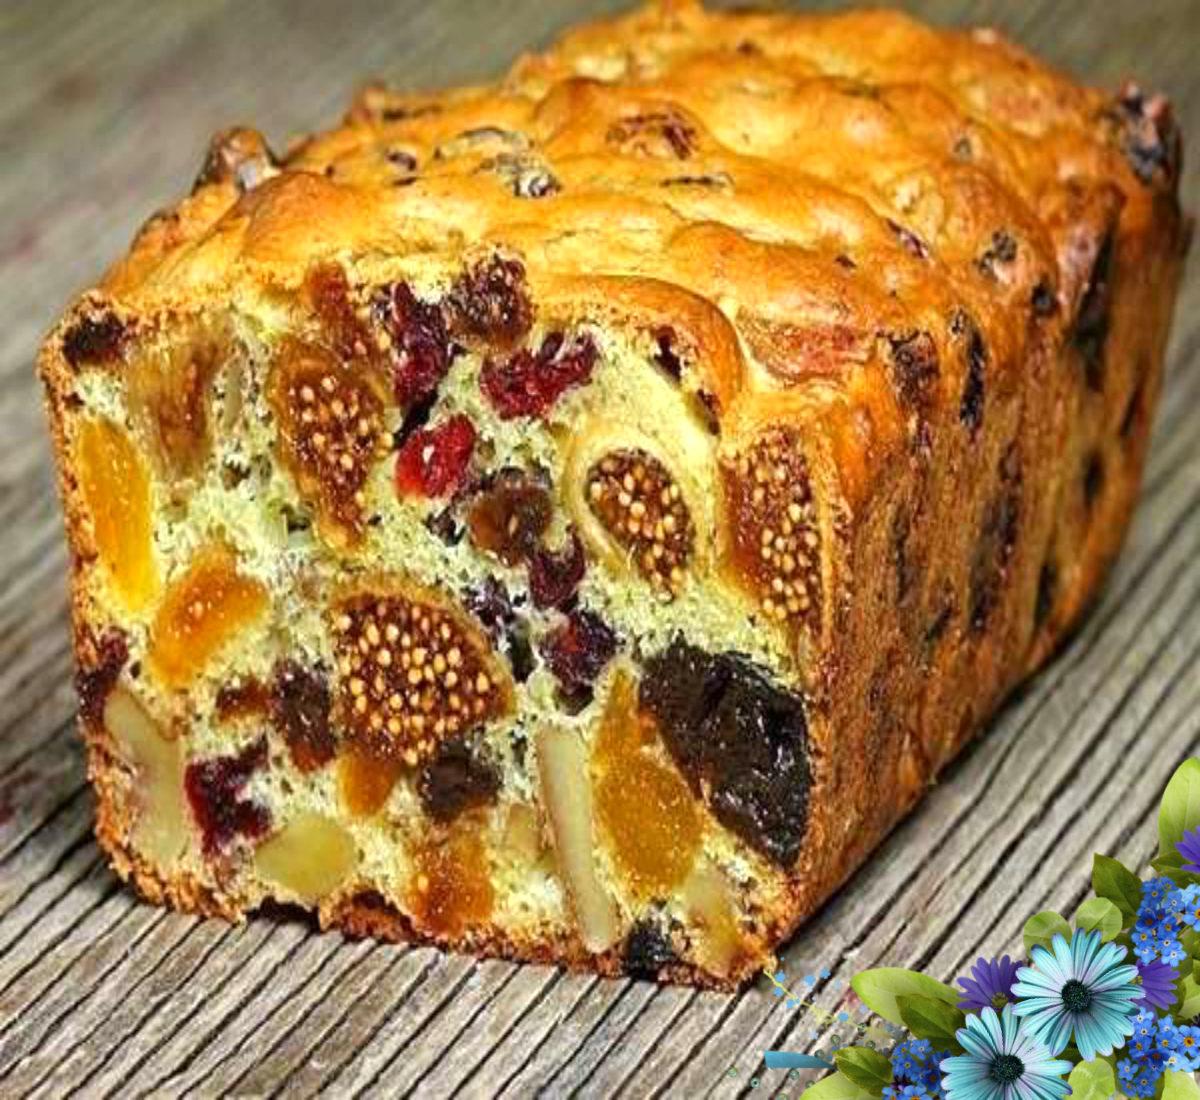 Aliy писал(а): рецепт сладких пирогов может быть тоже как-нибудь дам.